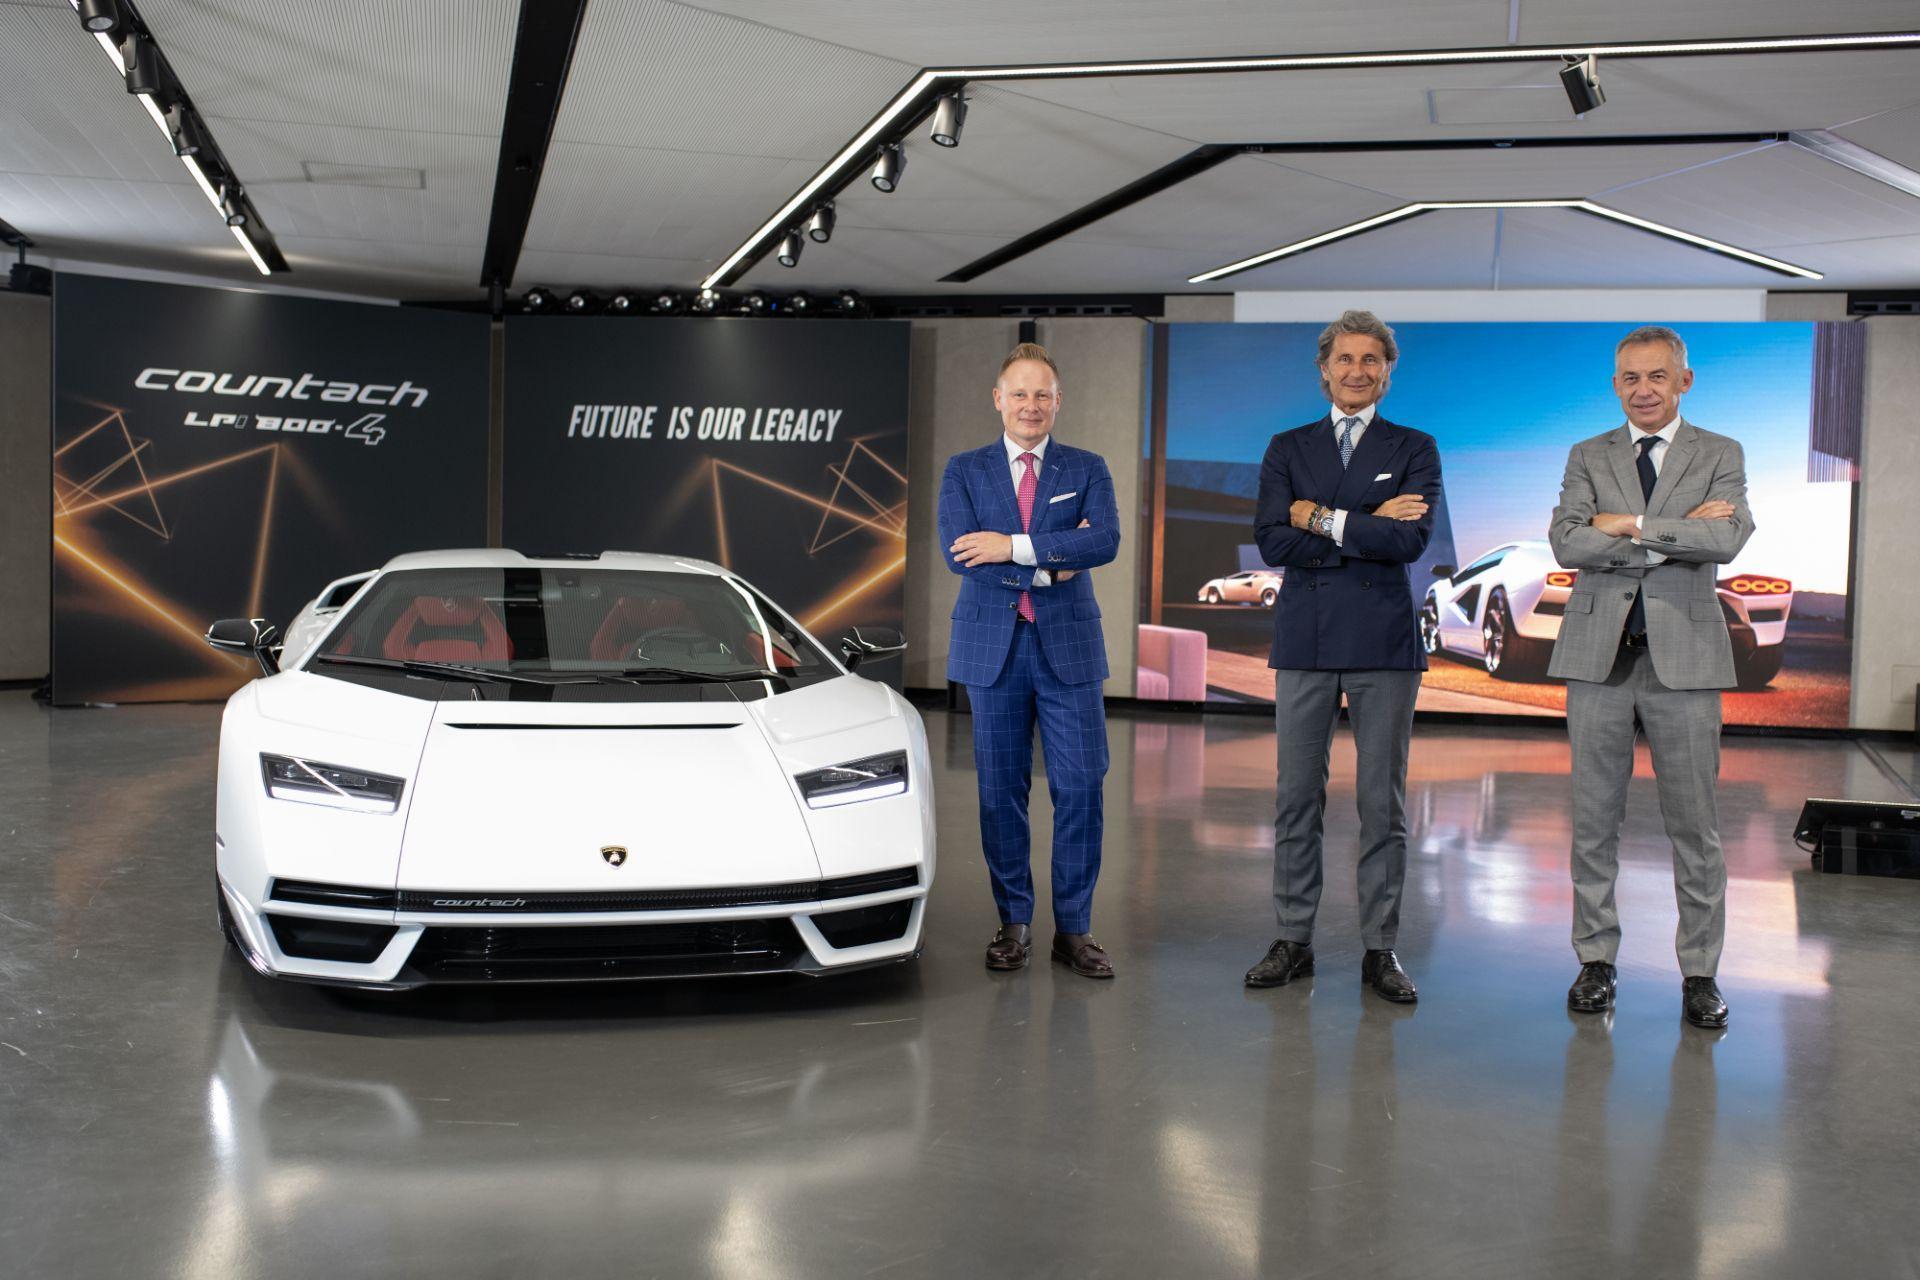 Lamborghini-Countach-LPI-800-4-18